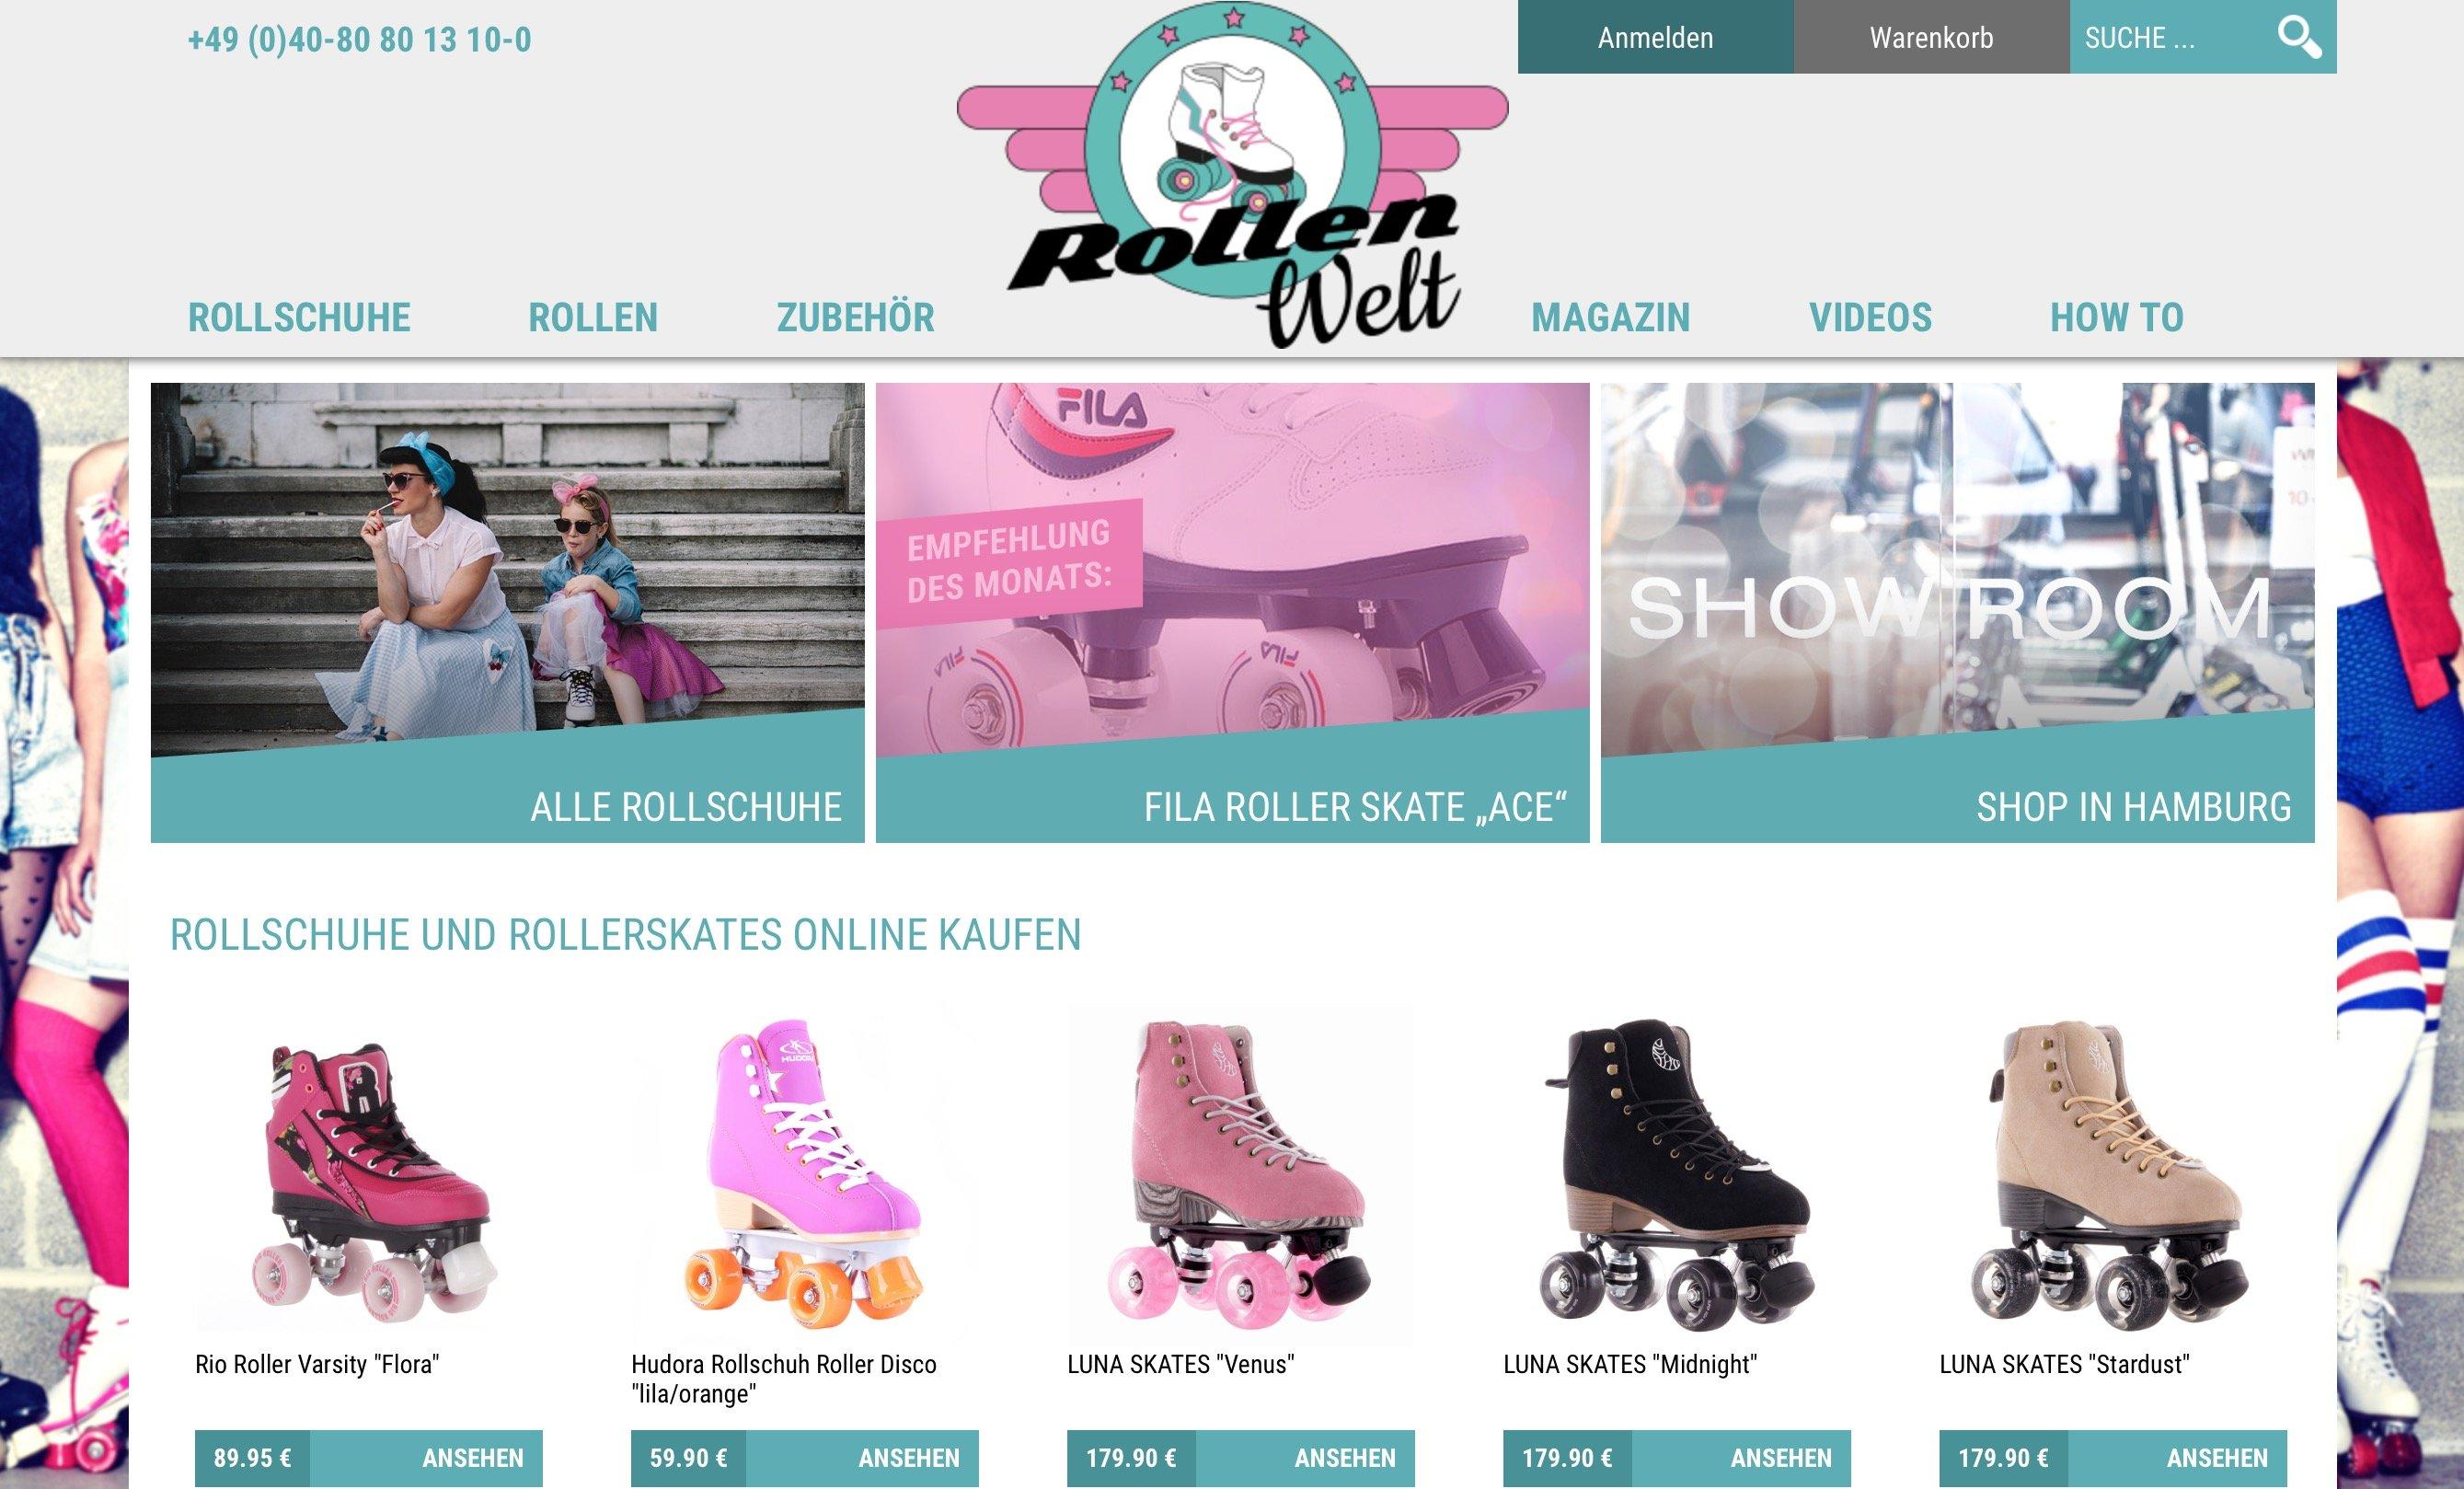 rollschuhe online kaufen